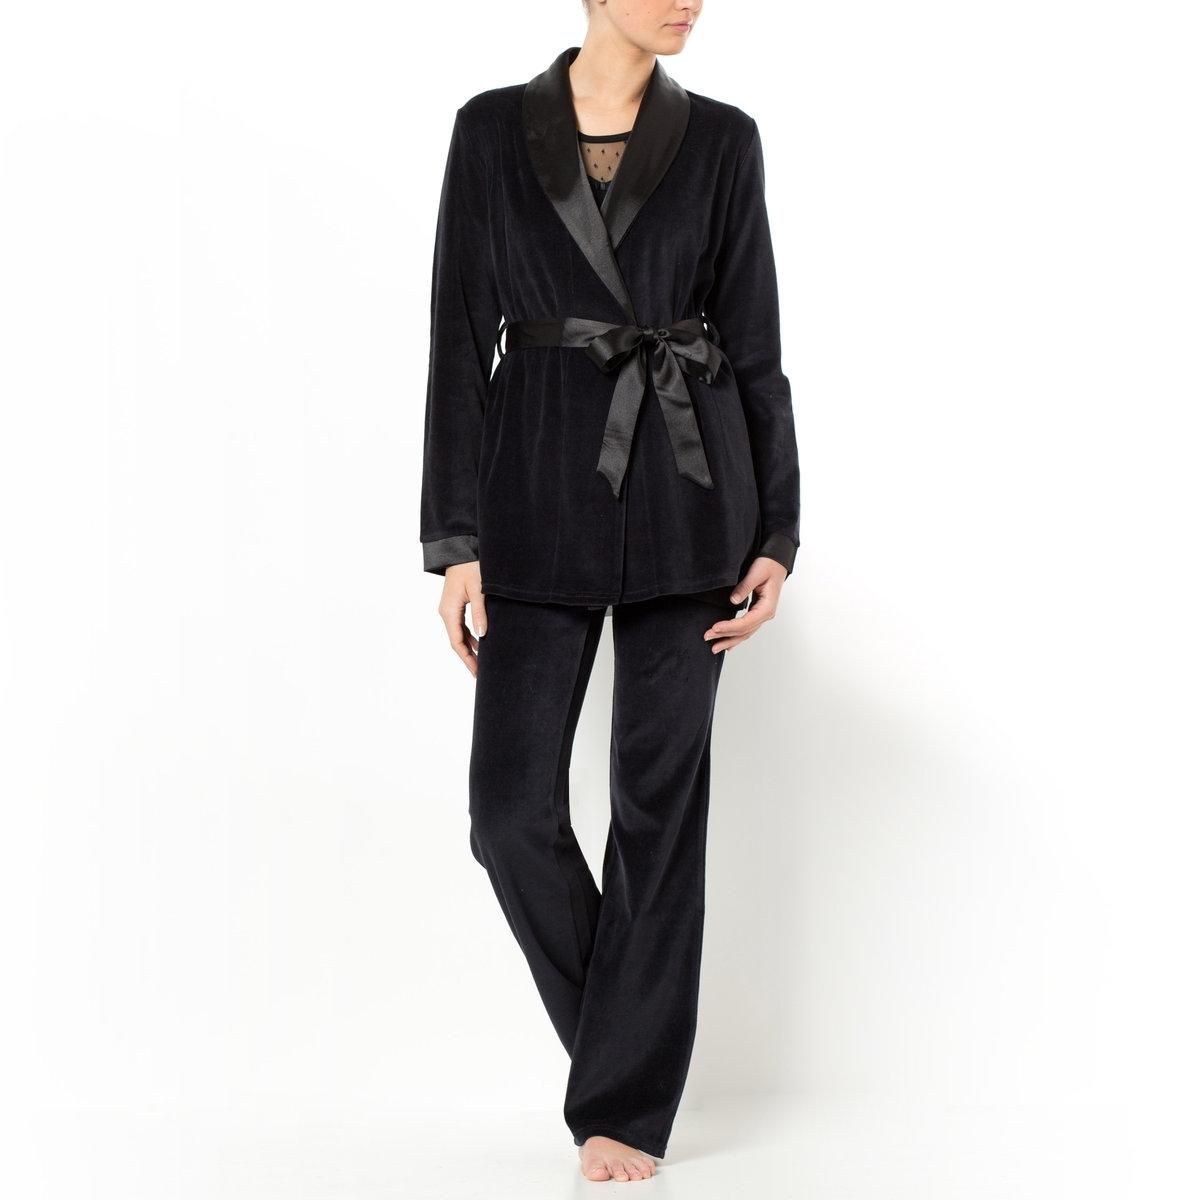 Пижама велюровая, 3 предметаПояс со шлевками, на внутренней кулиске. 2 кармана по бокам. Длина 72 см. Брюки велюровые, с эластичным поясом. Длина по внутр.шву 76 см.<br><br>Цвет: черный<br>Размер: 50/52 (FR) - 56/58 (RUS)